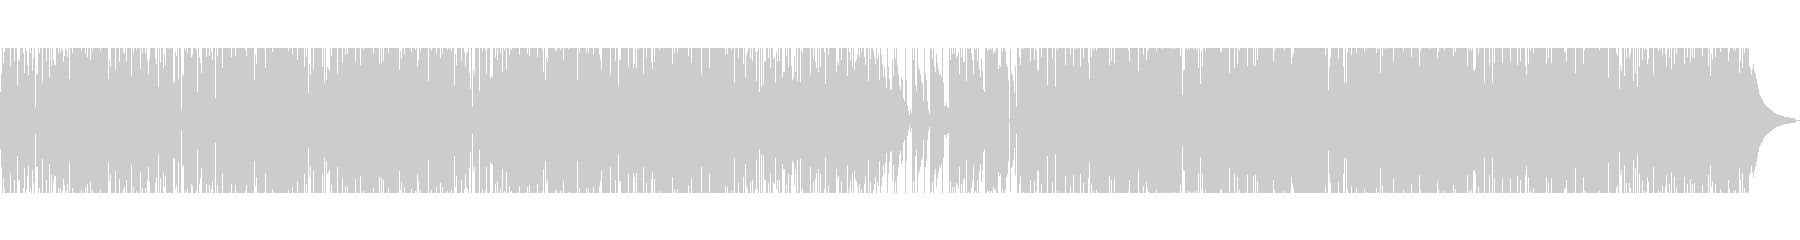 【ギターソロ無し】70年代ソウルポップスの未再生の波形